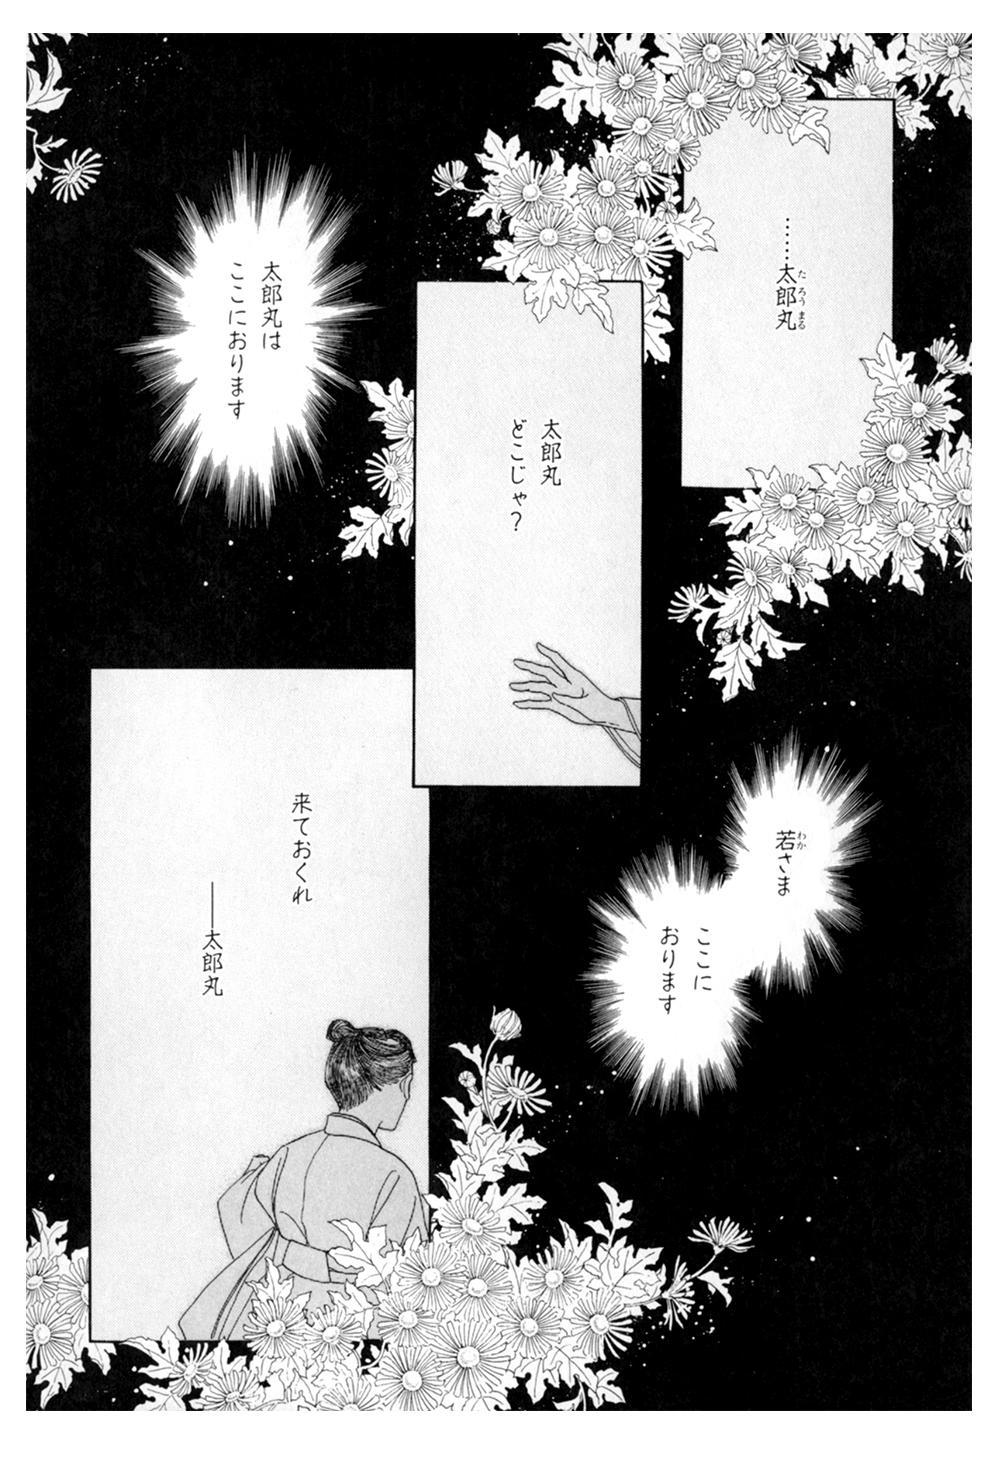 雨柳堂夢咄 第5話「太郎丸」①uryudo-03-146.jpg